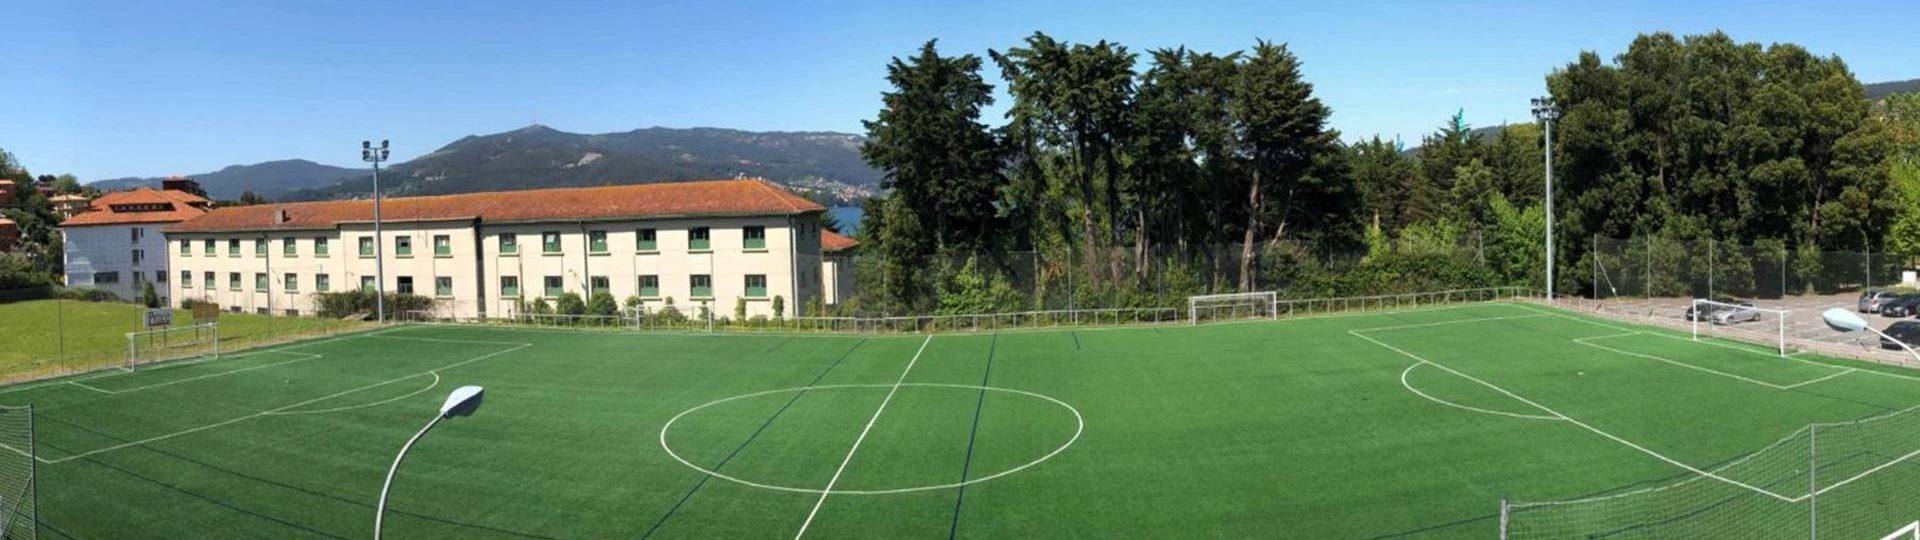 Campo de Fútbol de Césped Artificial en la Etea